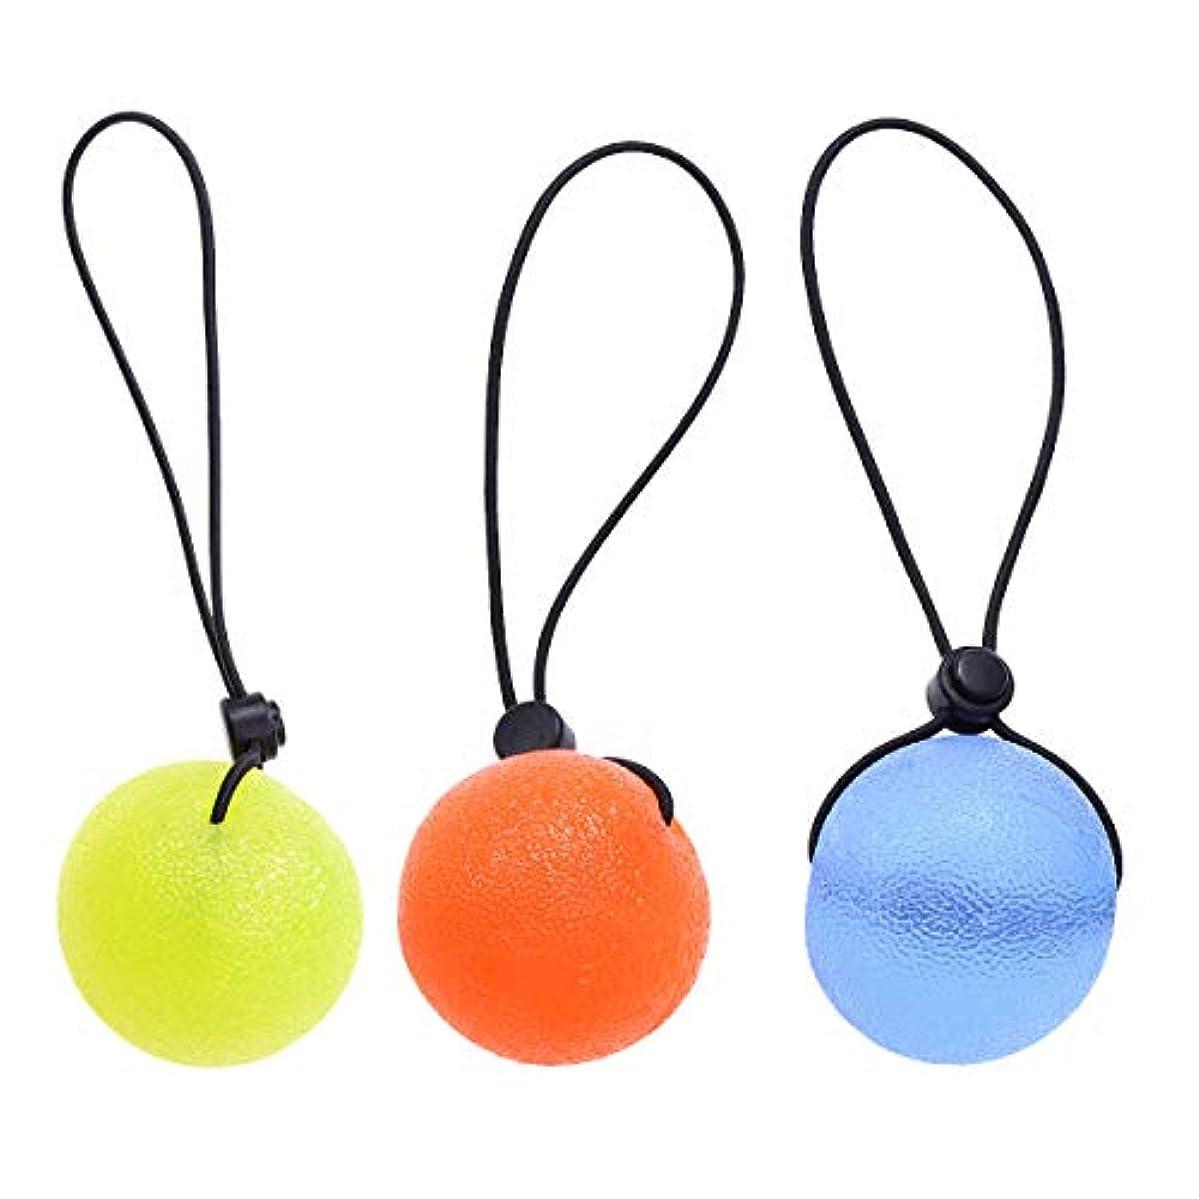 照らす等々苦しめるSUPVOX 3個ハンドグリップ強化剤フィンガーグリップセラピーエクササイズスクイズストレスボール